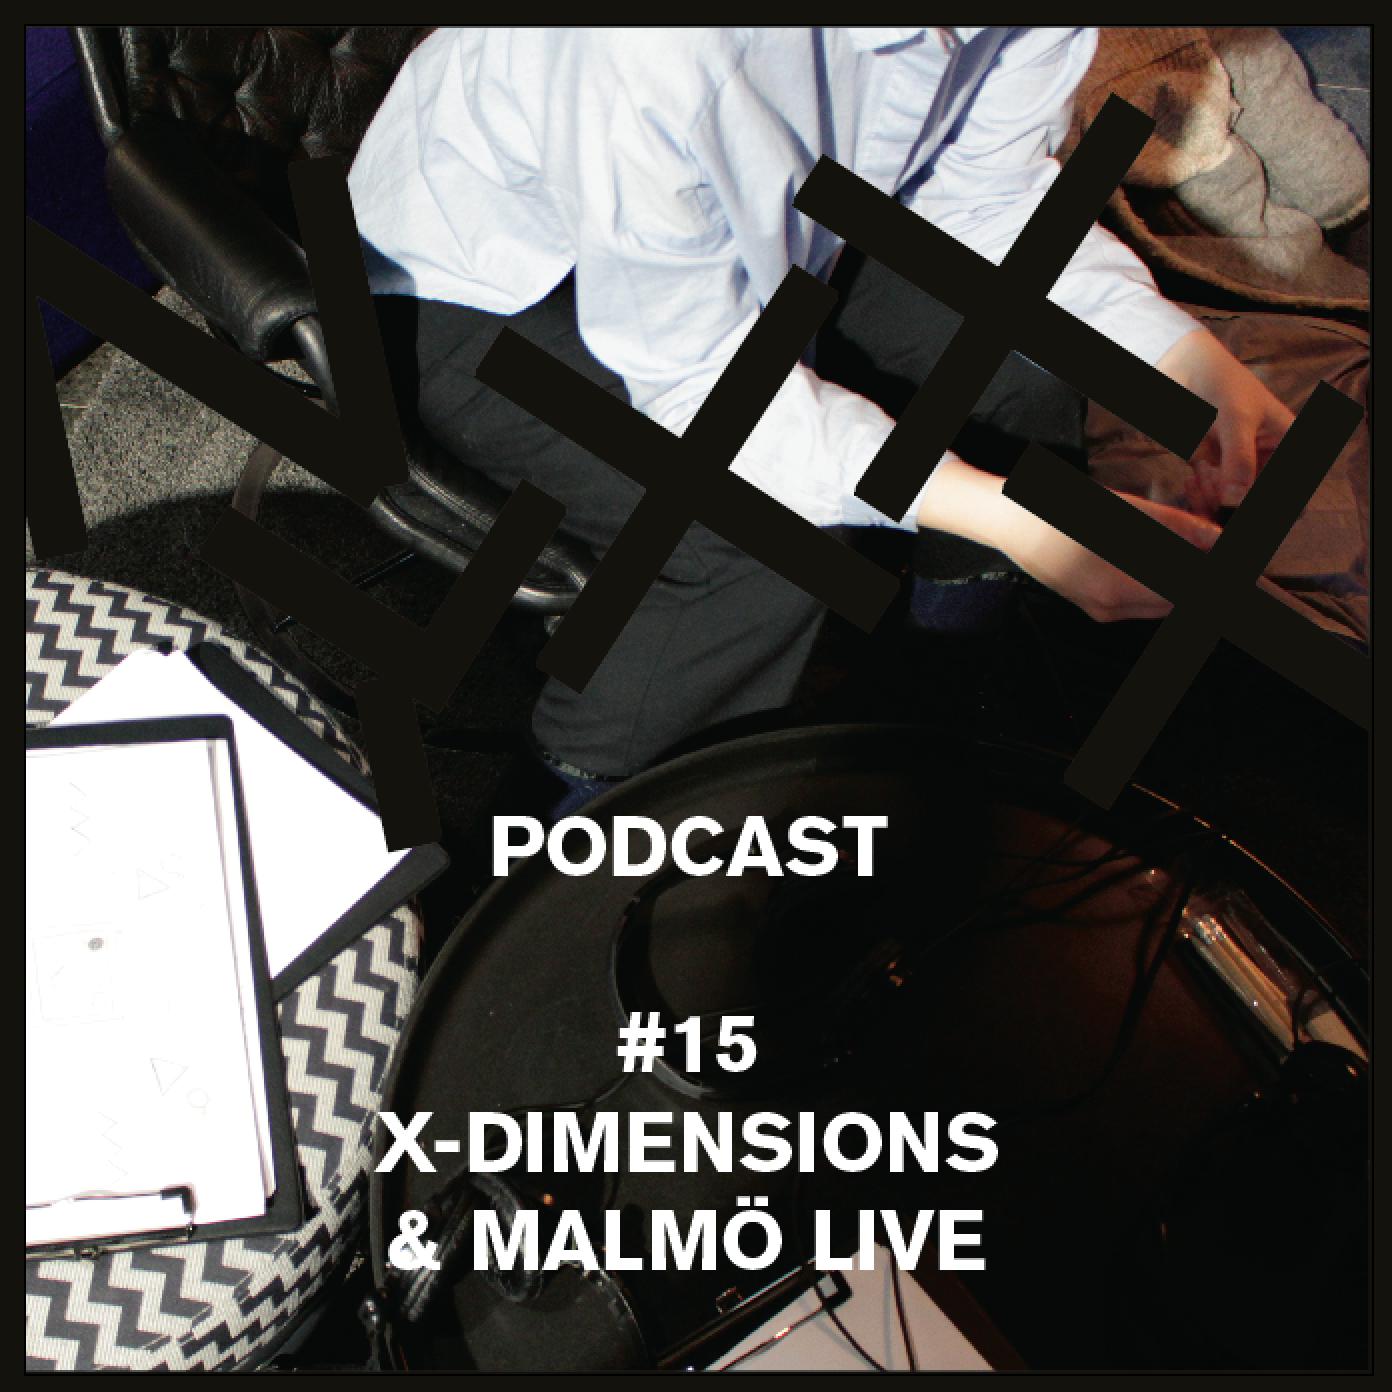 nyxxx-podcast-15